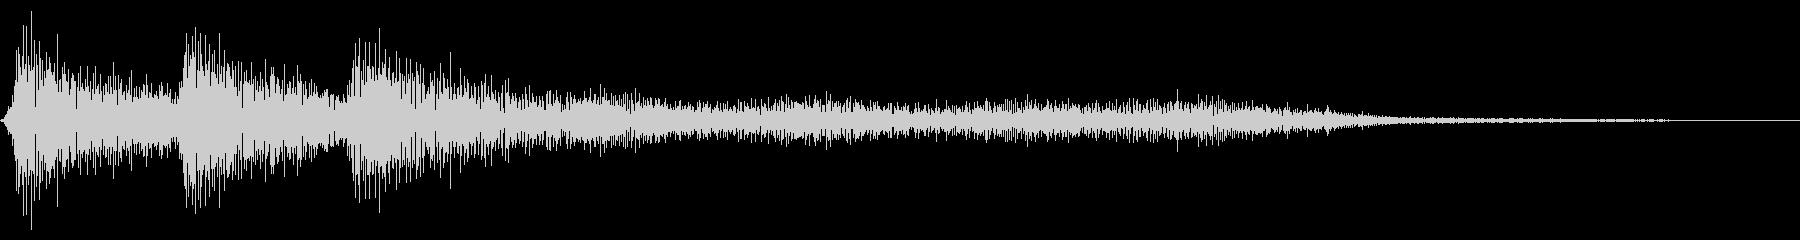 レトロなミス音 ゲームオーバー 失敗の未再生の波形